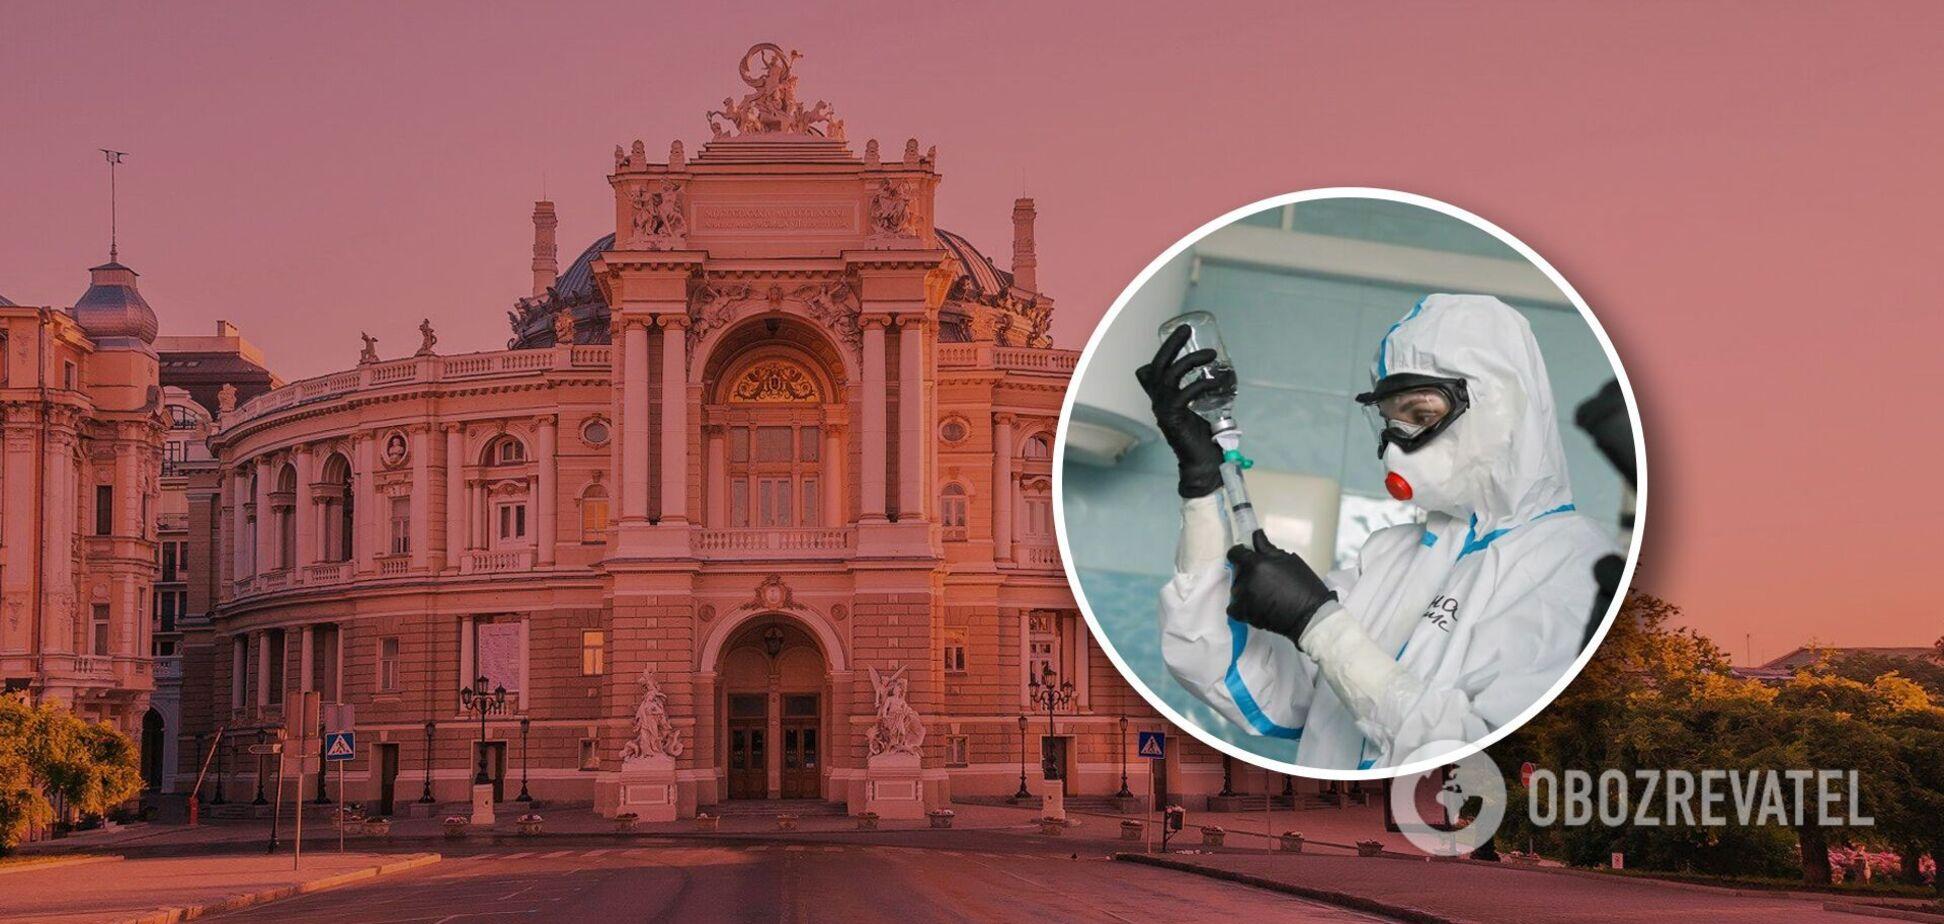 Умирают, не дожидаясь тестов, но маски носить не хотят: как COVID-19 поглощает Одессу. Эксклюзив